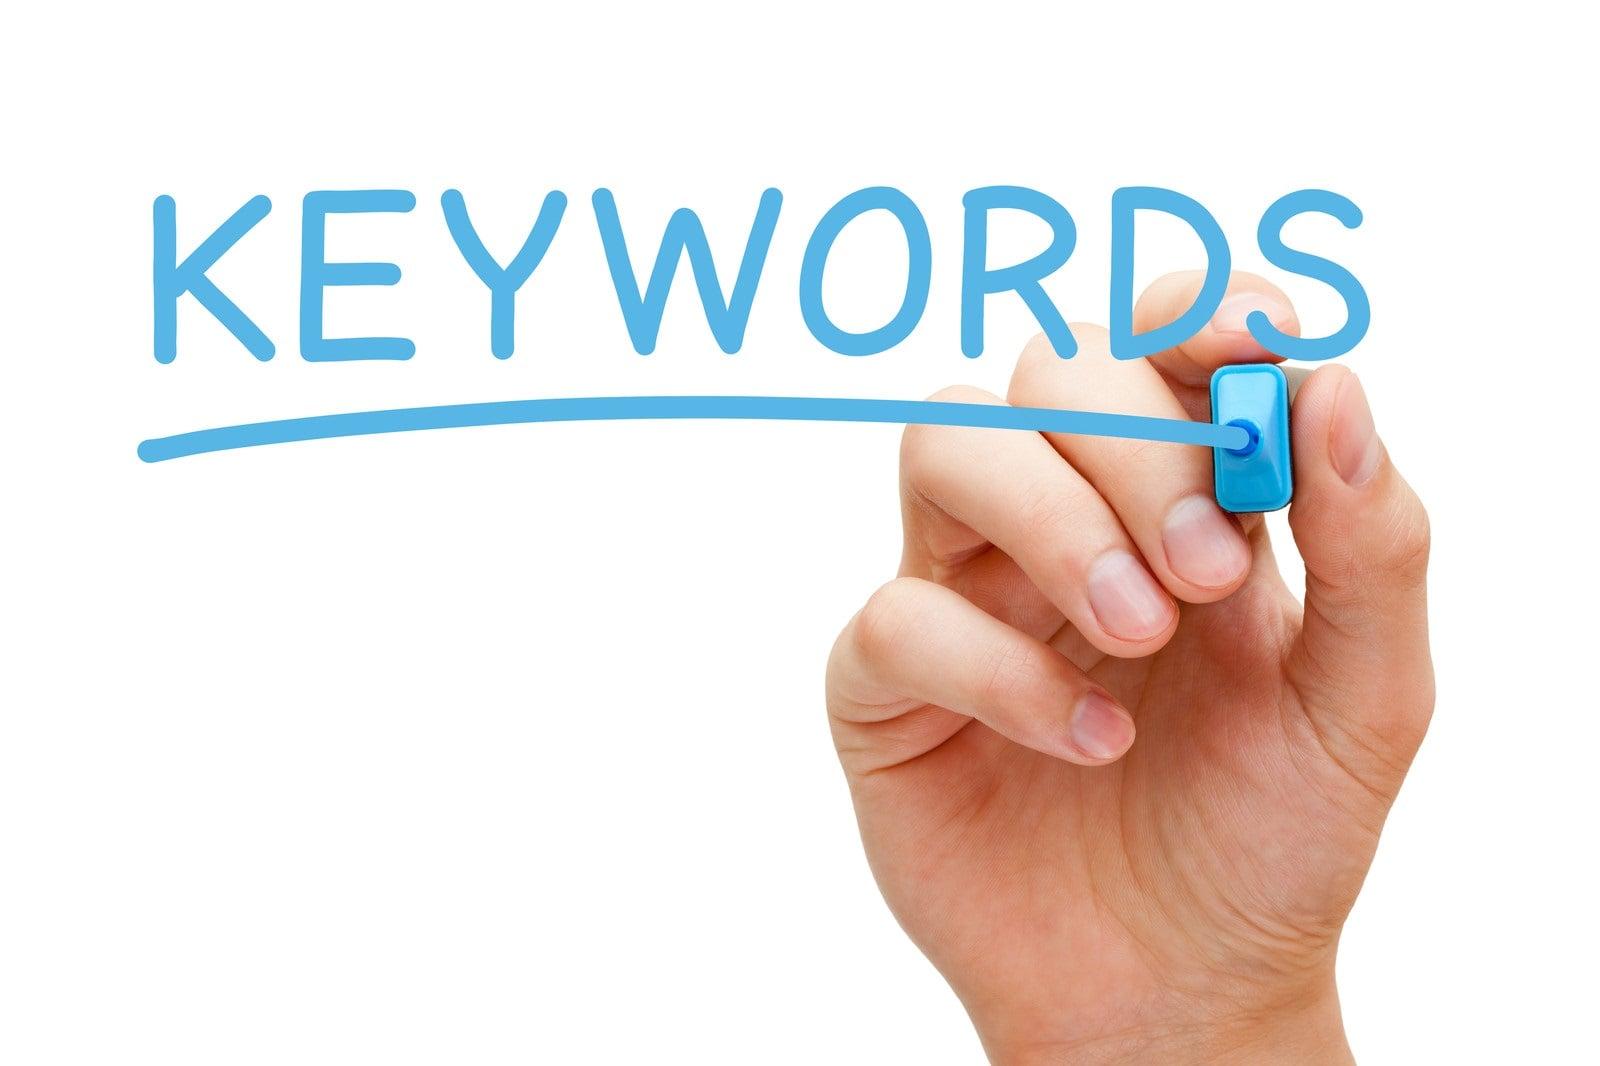 Cómo elegir palabras clave para su sitio web